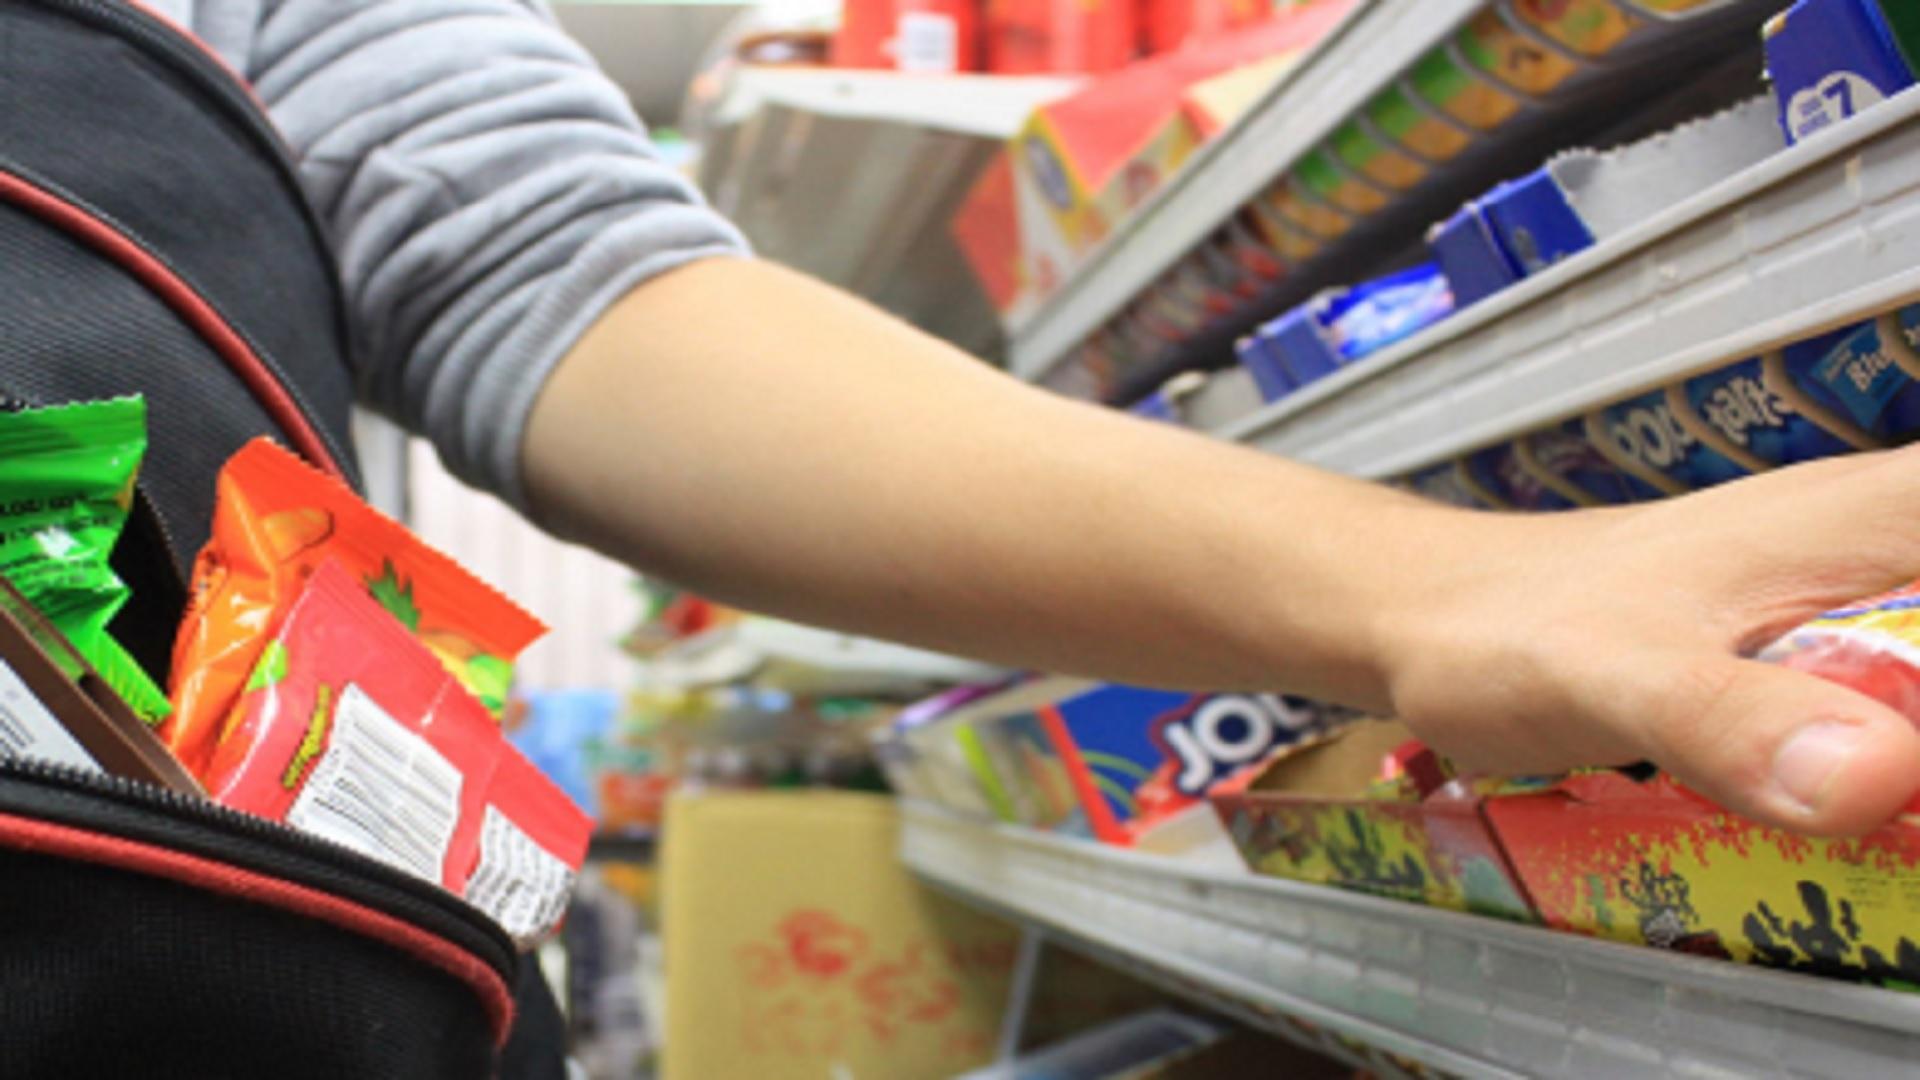 Furto in un supermercato, denunciati due giovani di Floridia